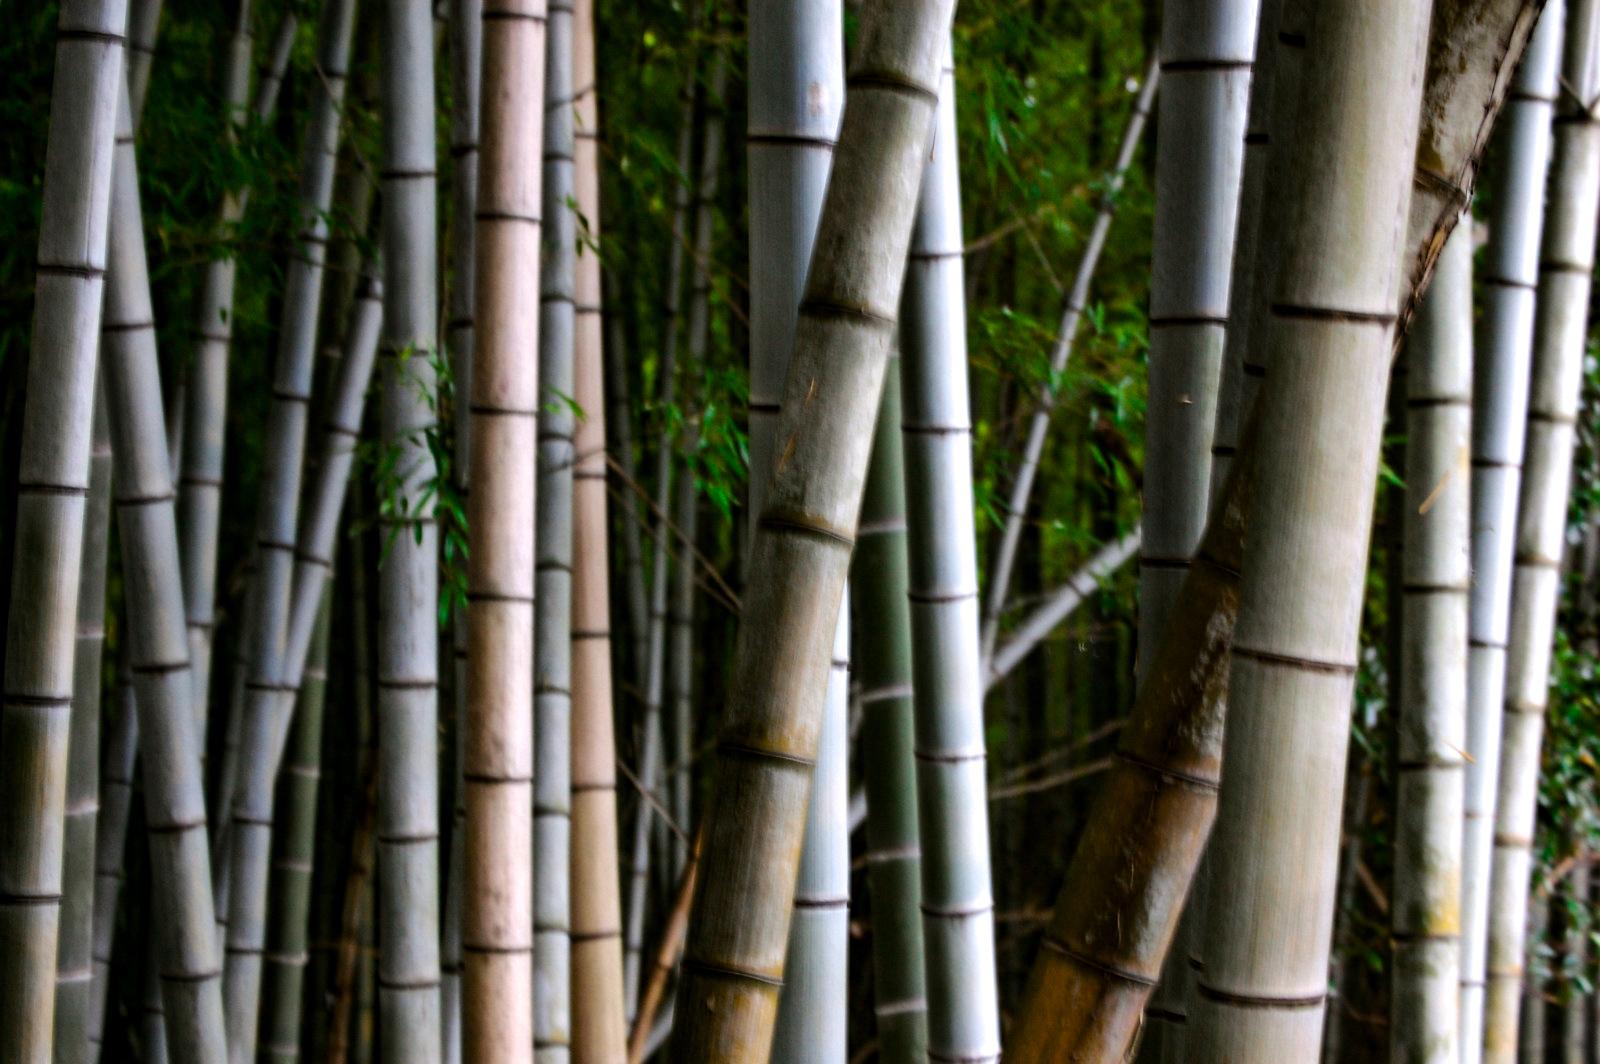 隙間なく生える竹